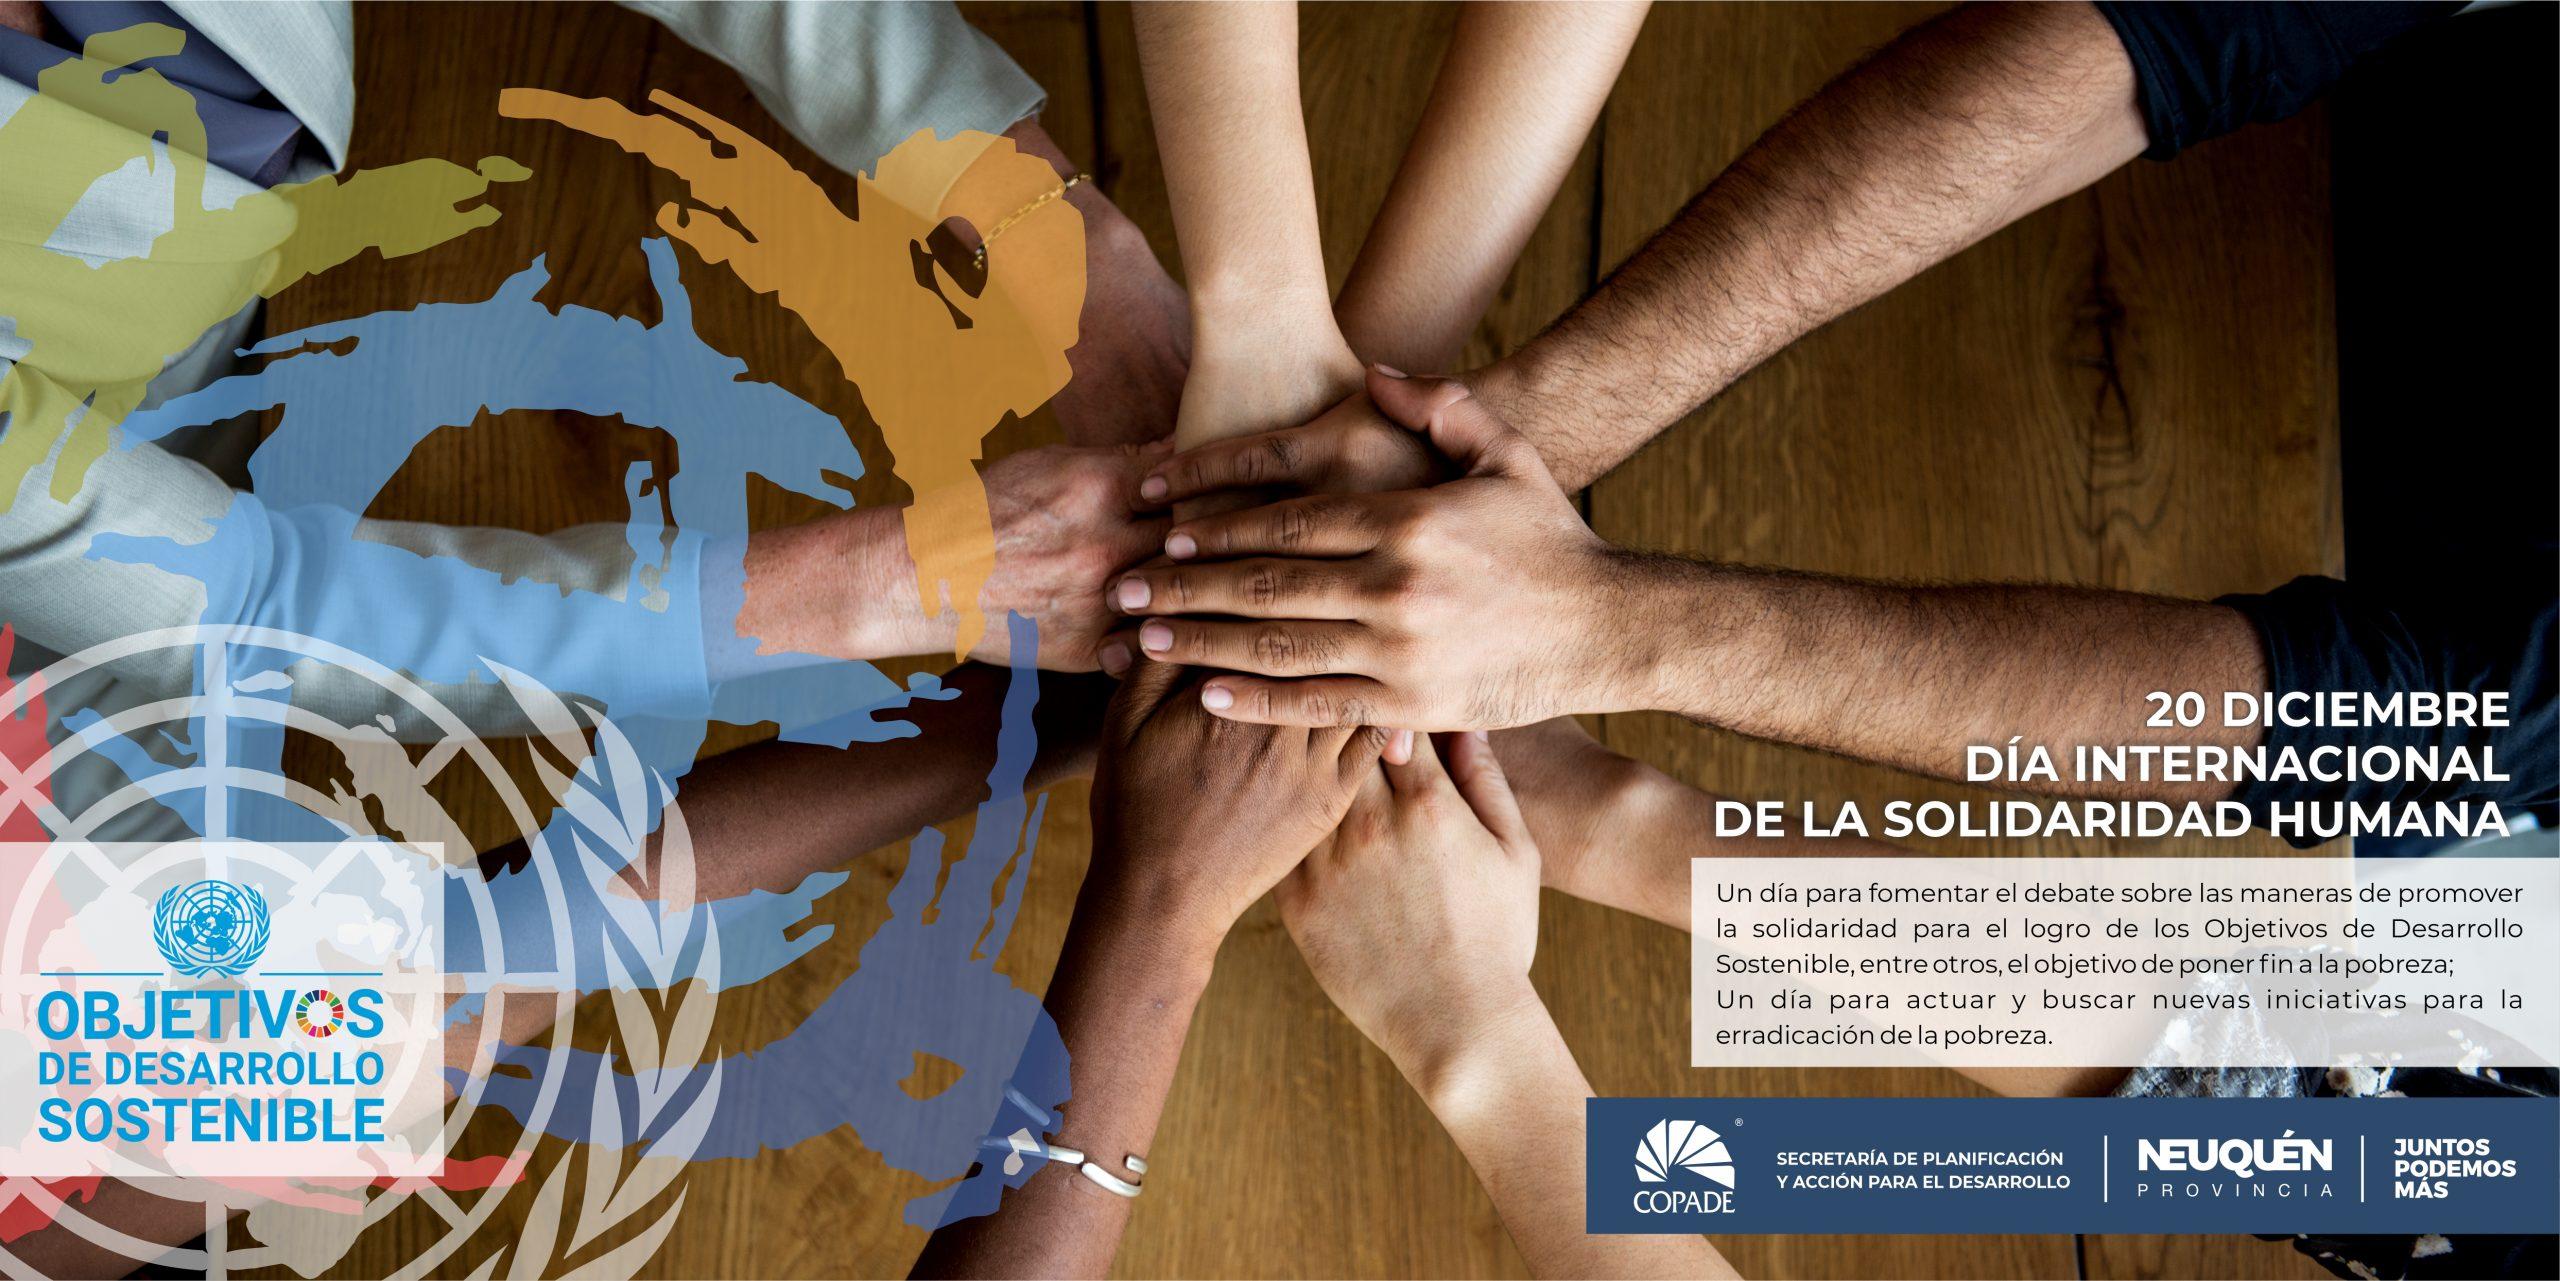 20 de diciembre | Día Internacional de la Solidaridad Humana